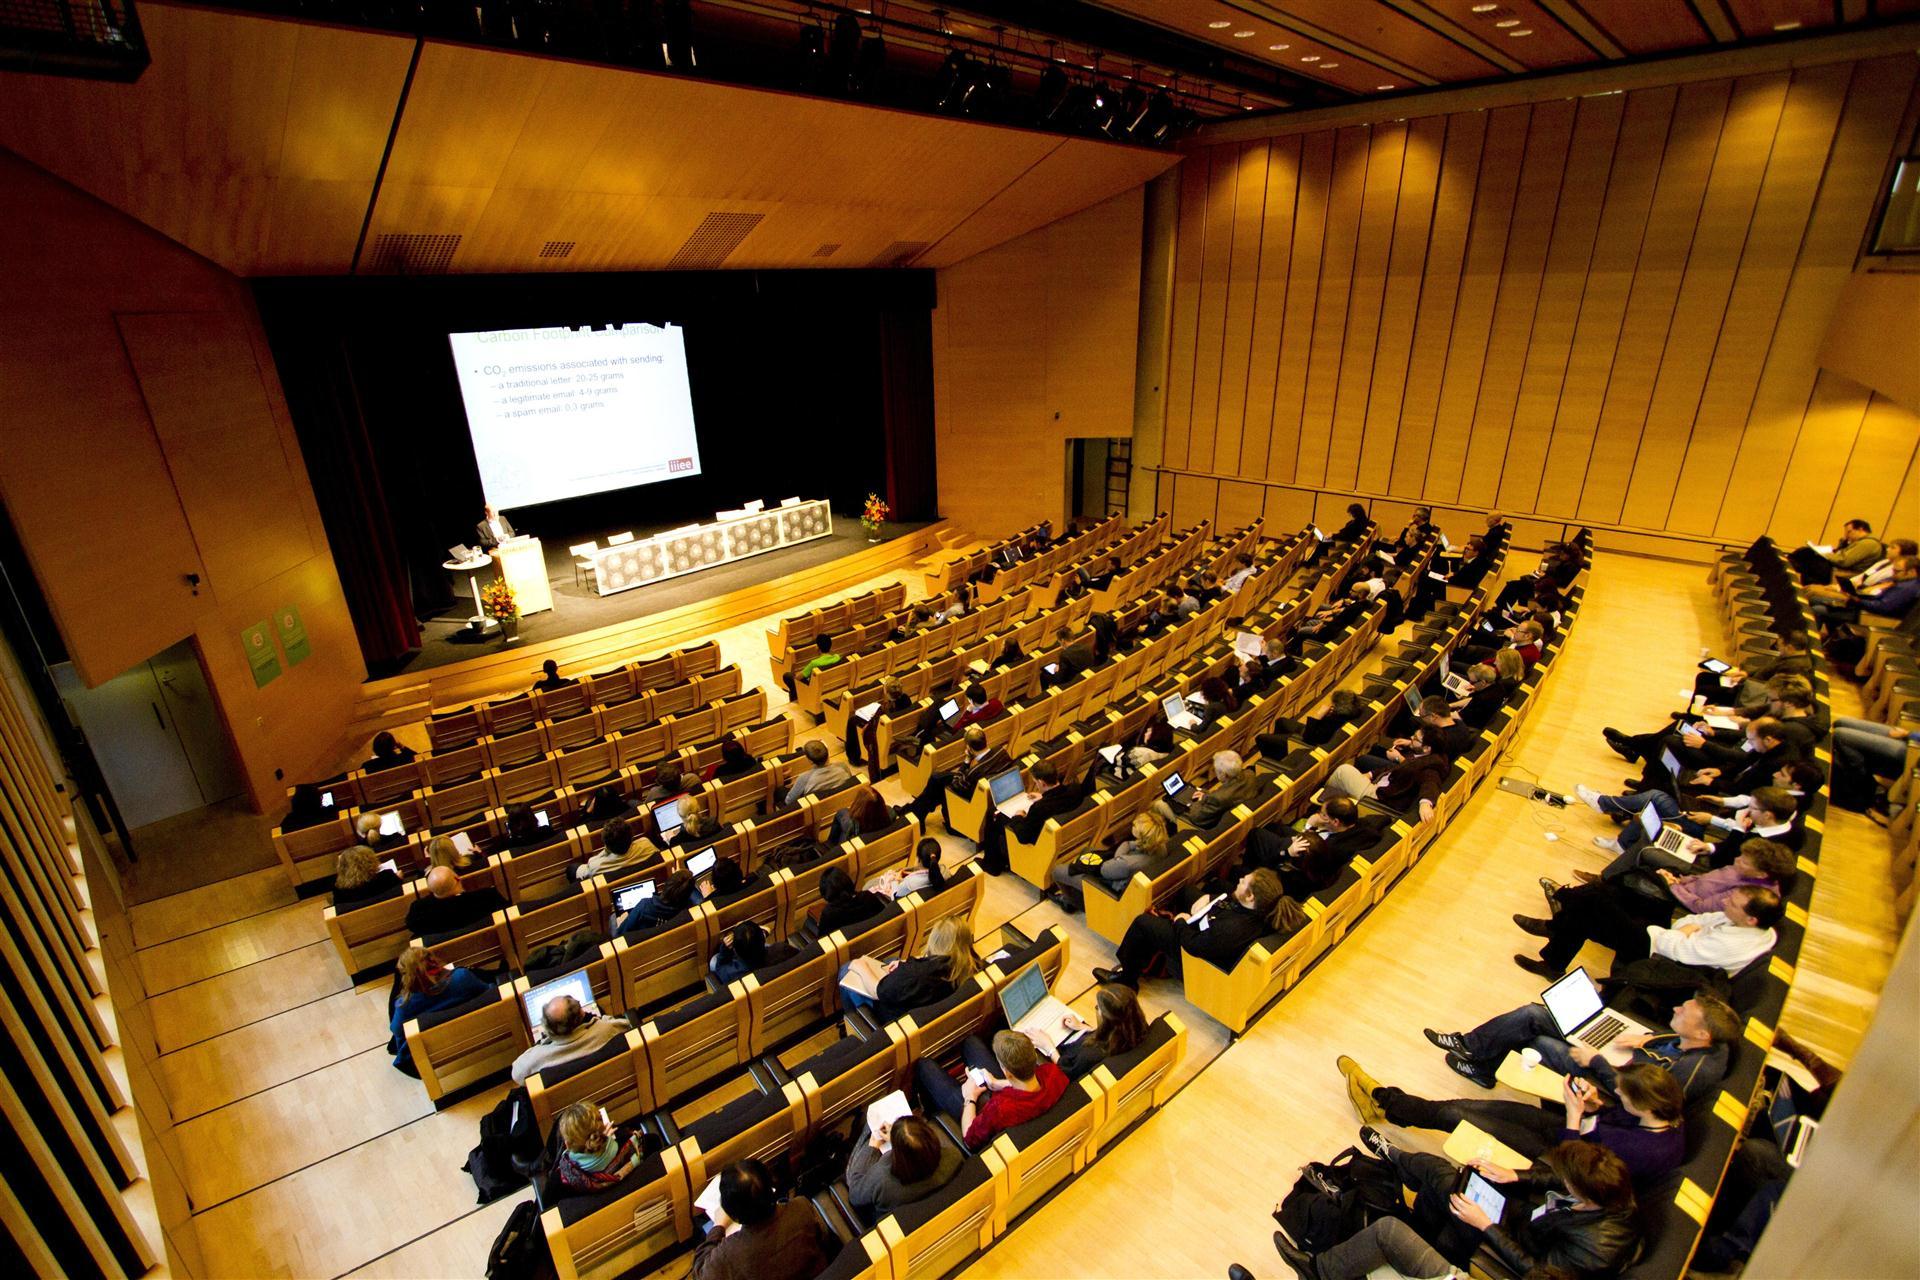 دانشگاه چالمرز در کشور سوئد یکی از بهترین دانشگاه های سوئد